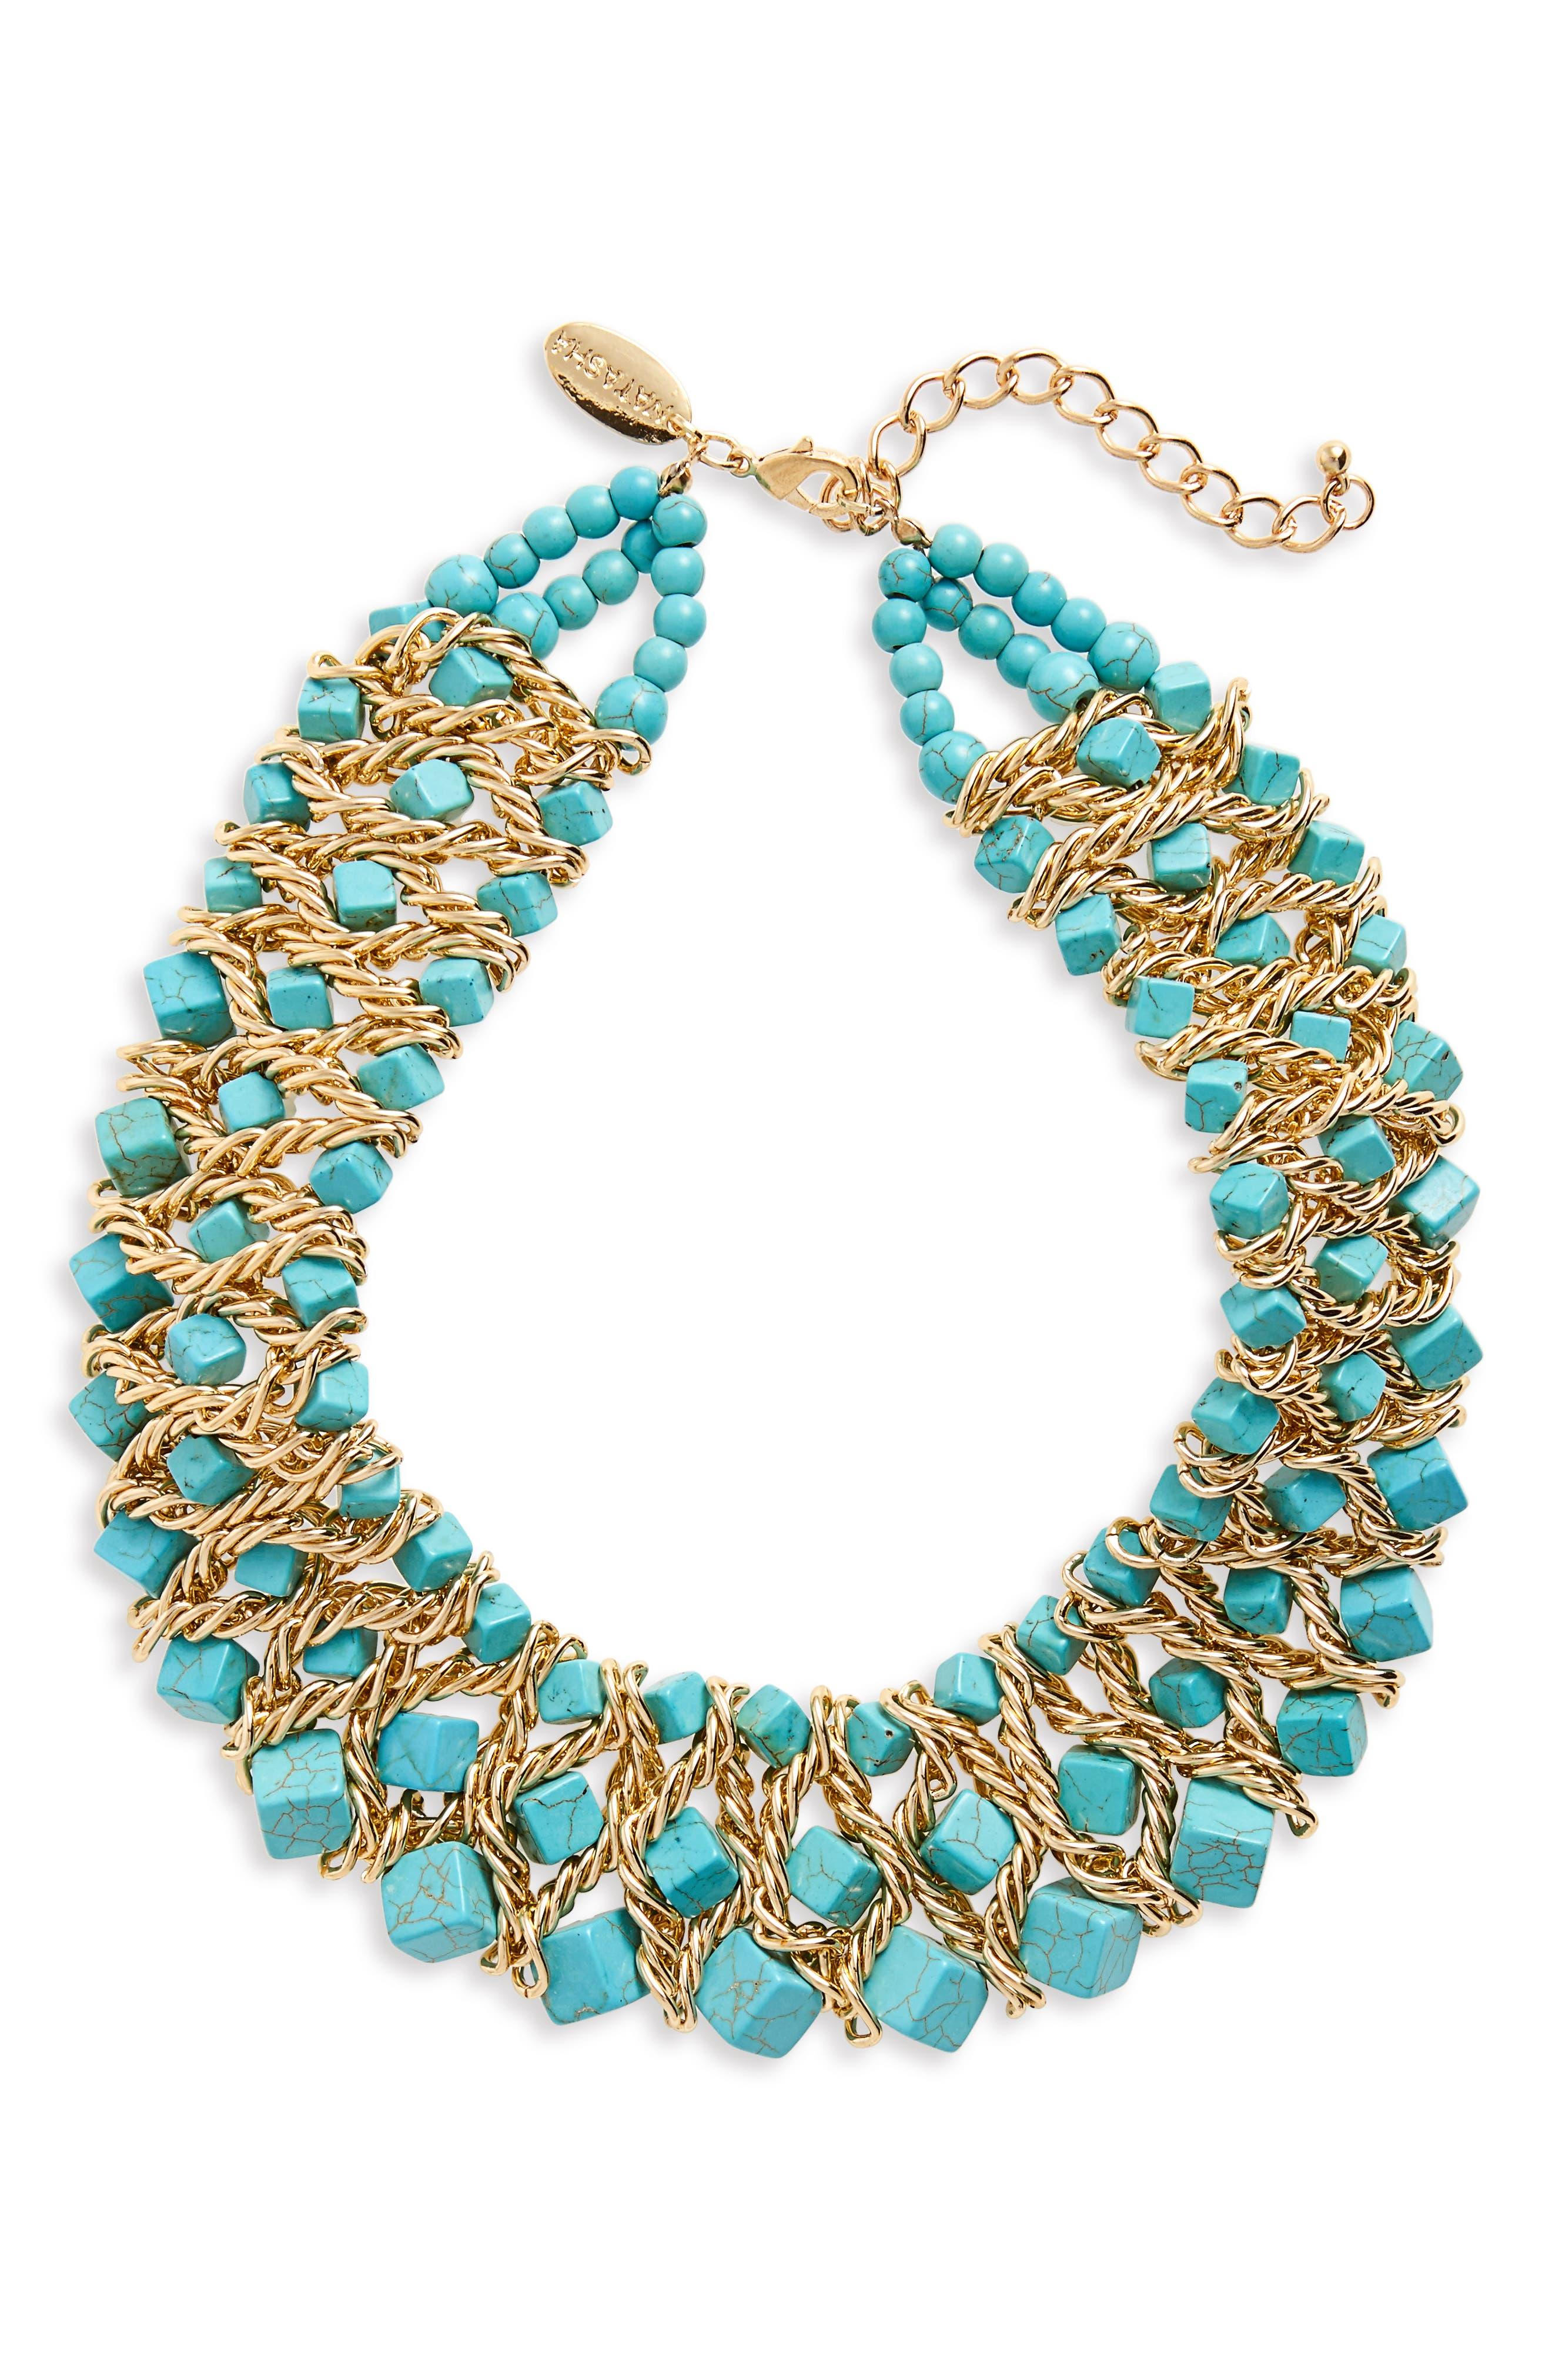 Main Image - Natasha Chain & Stone Statement Necklace